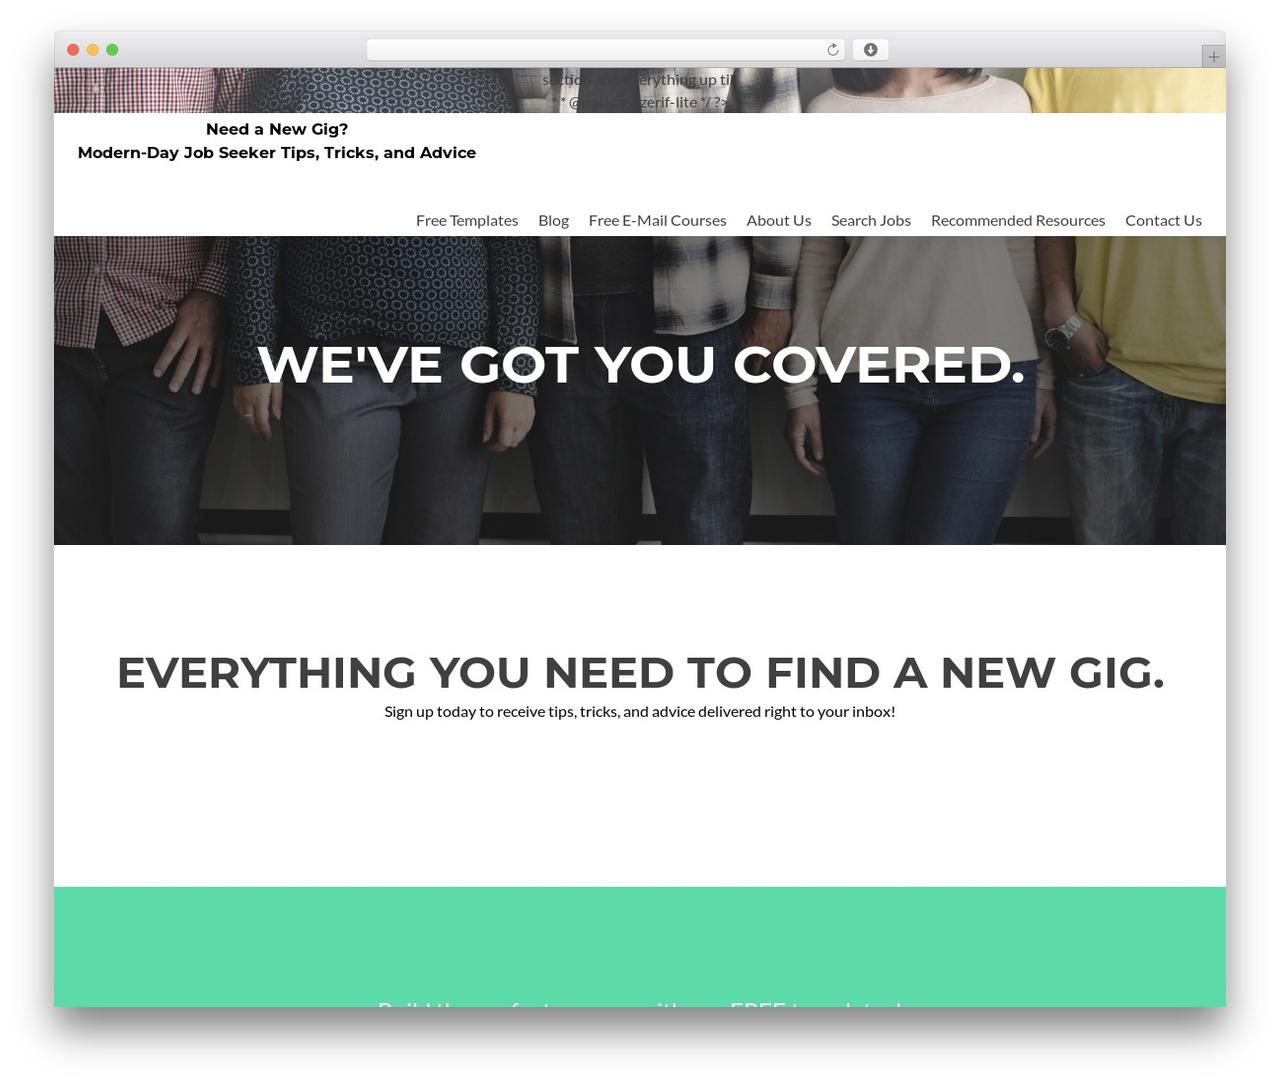 Zerif Lite best free WordPress theme - needanewgig.com